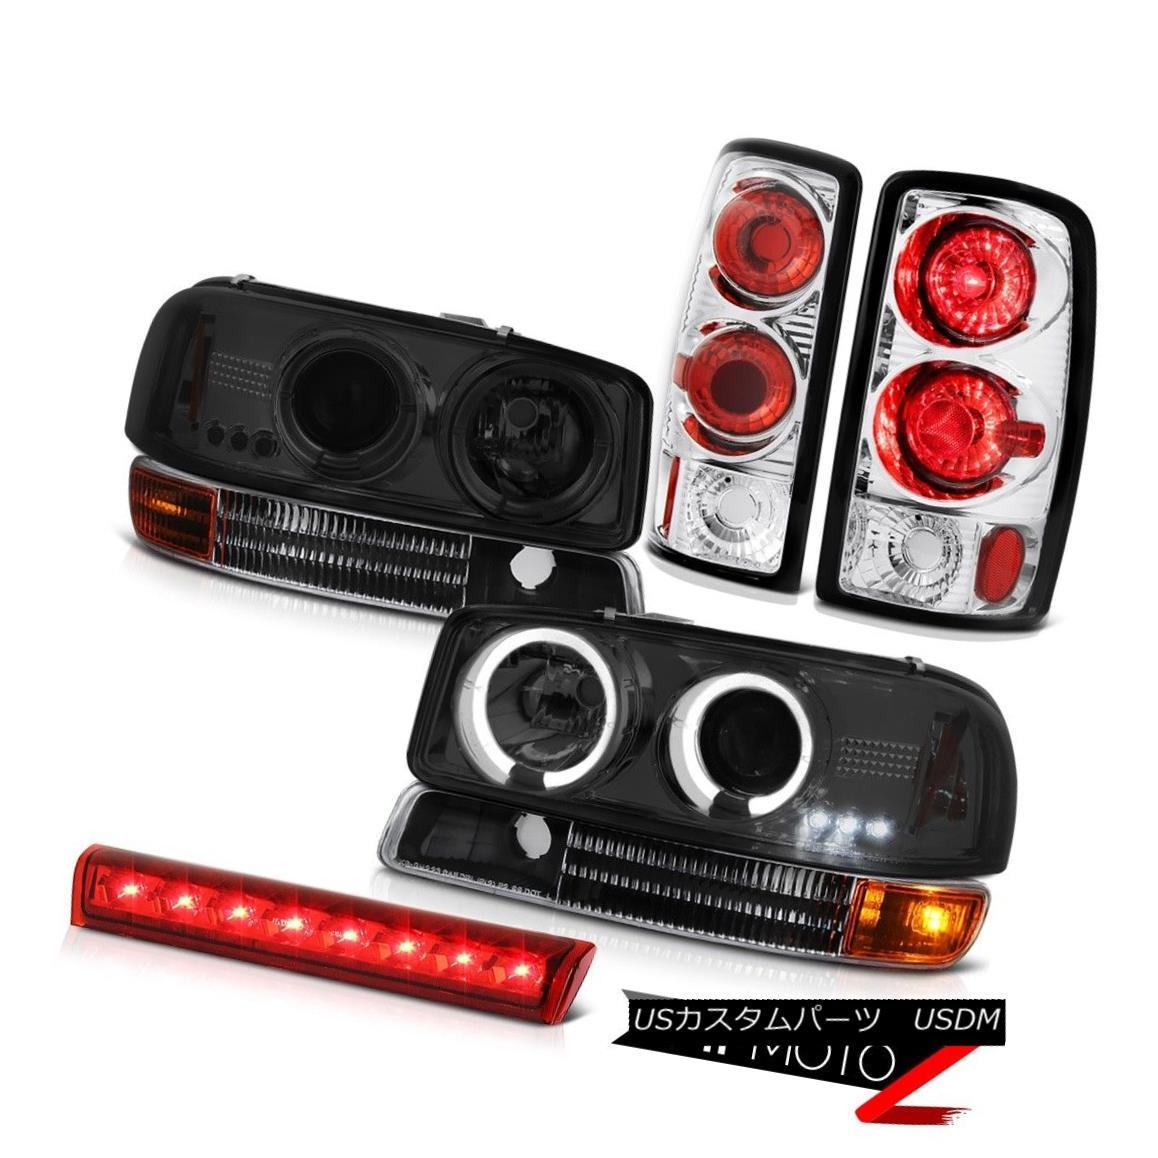 ヘッドライト 2000-2006 Yukon XL 5.3L Tinted Halo LED Headlights Onyx Black Tail Lights Cargo 2000-2006 Yukon XL 5.3LハイライトLEDヘッドライトオニキスブラックテールライトカーゴ